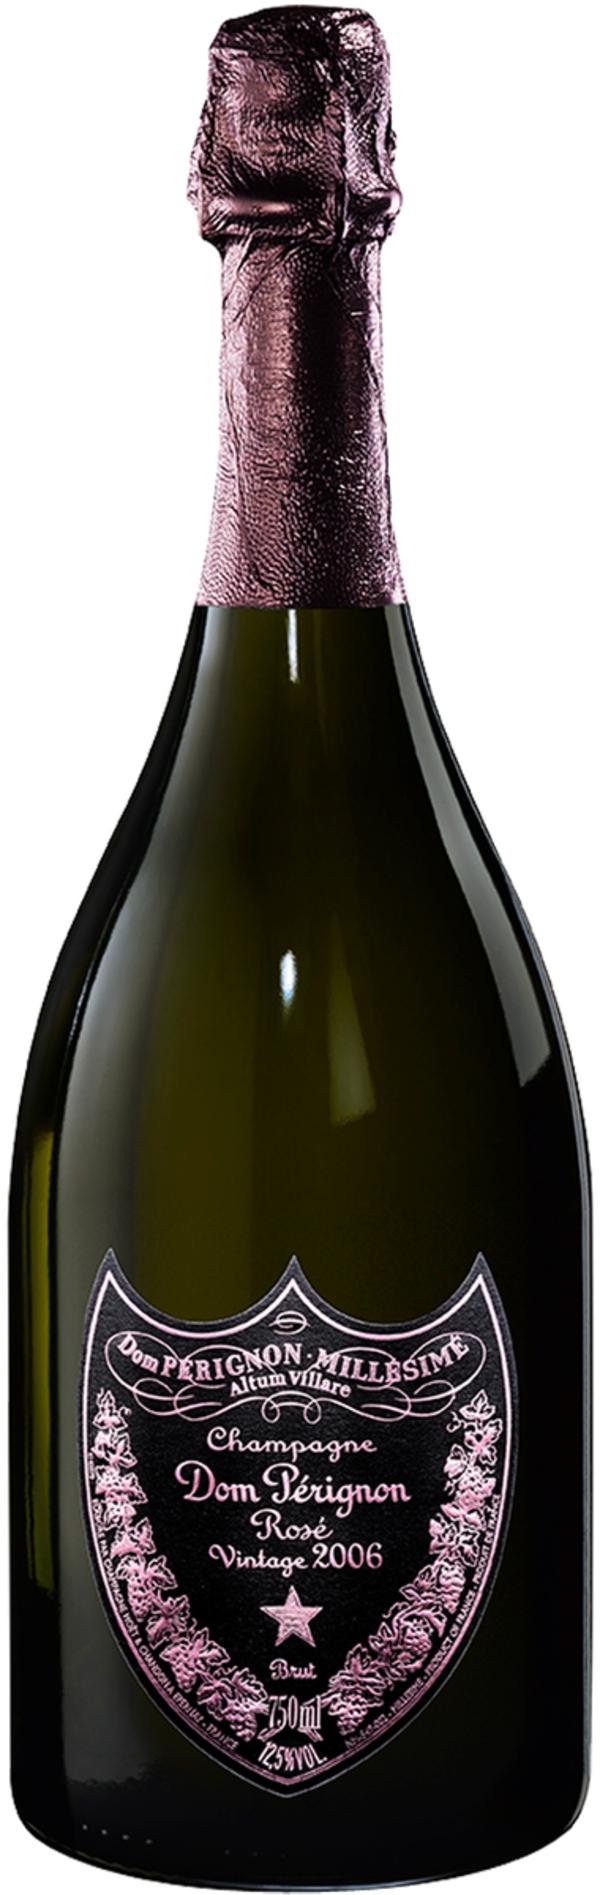 Dom Pérignon Rosé Vintage Champagner   - Schaumwein, Frankreich, trocken, 0,75l